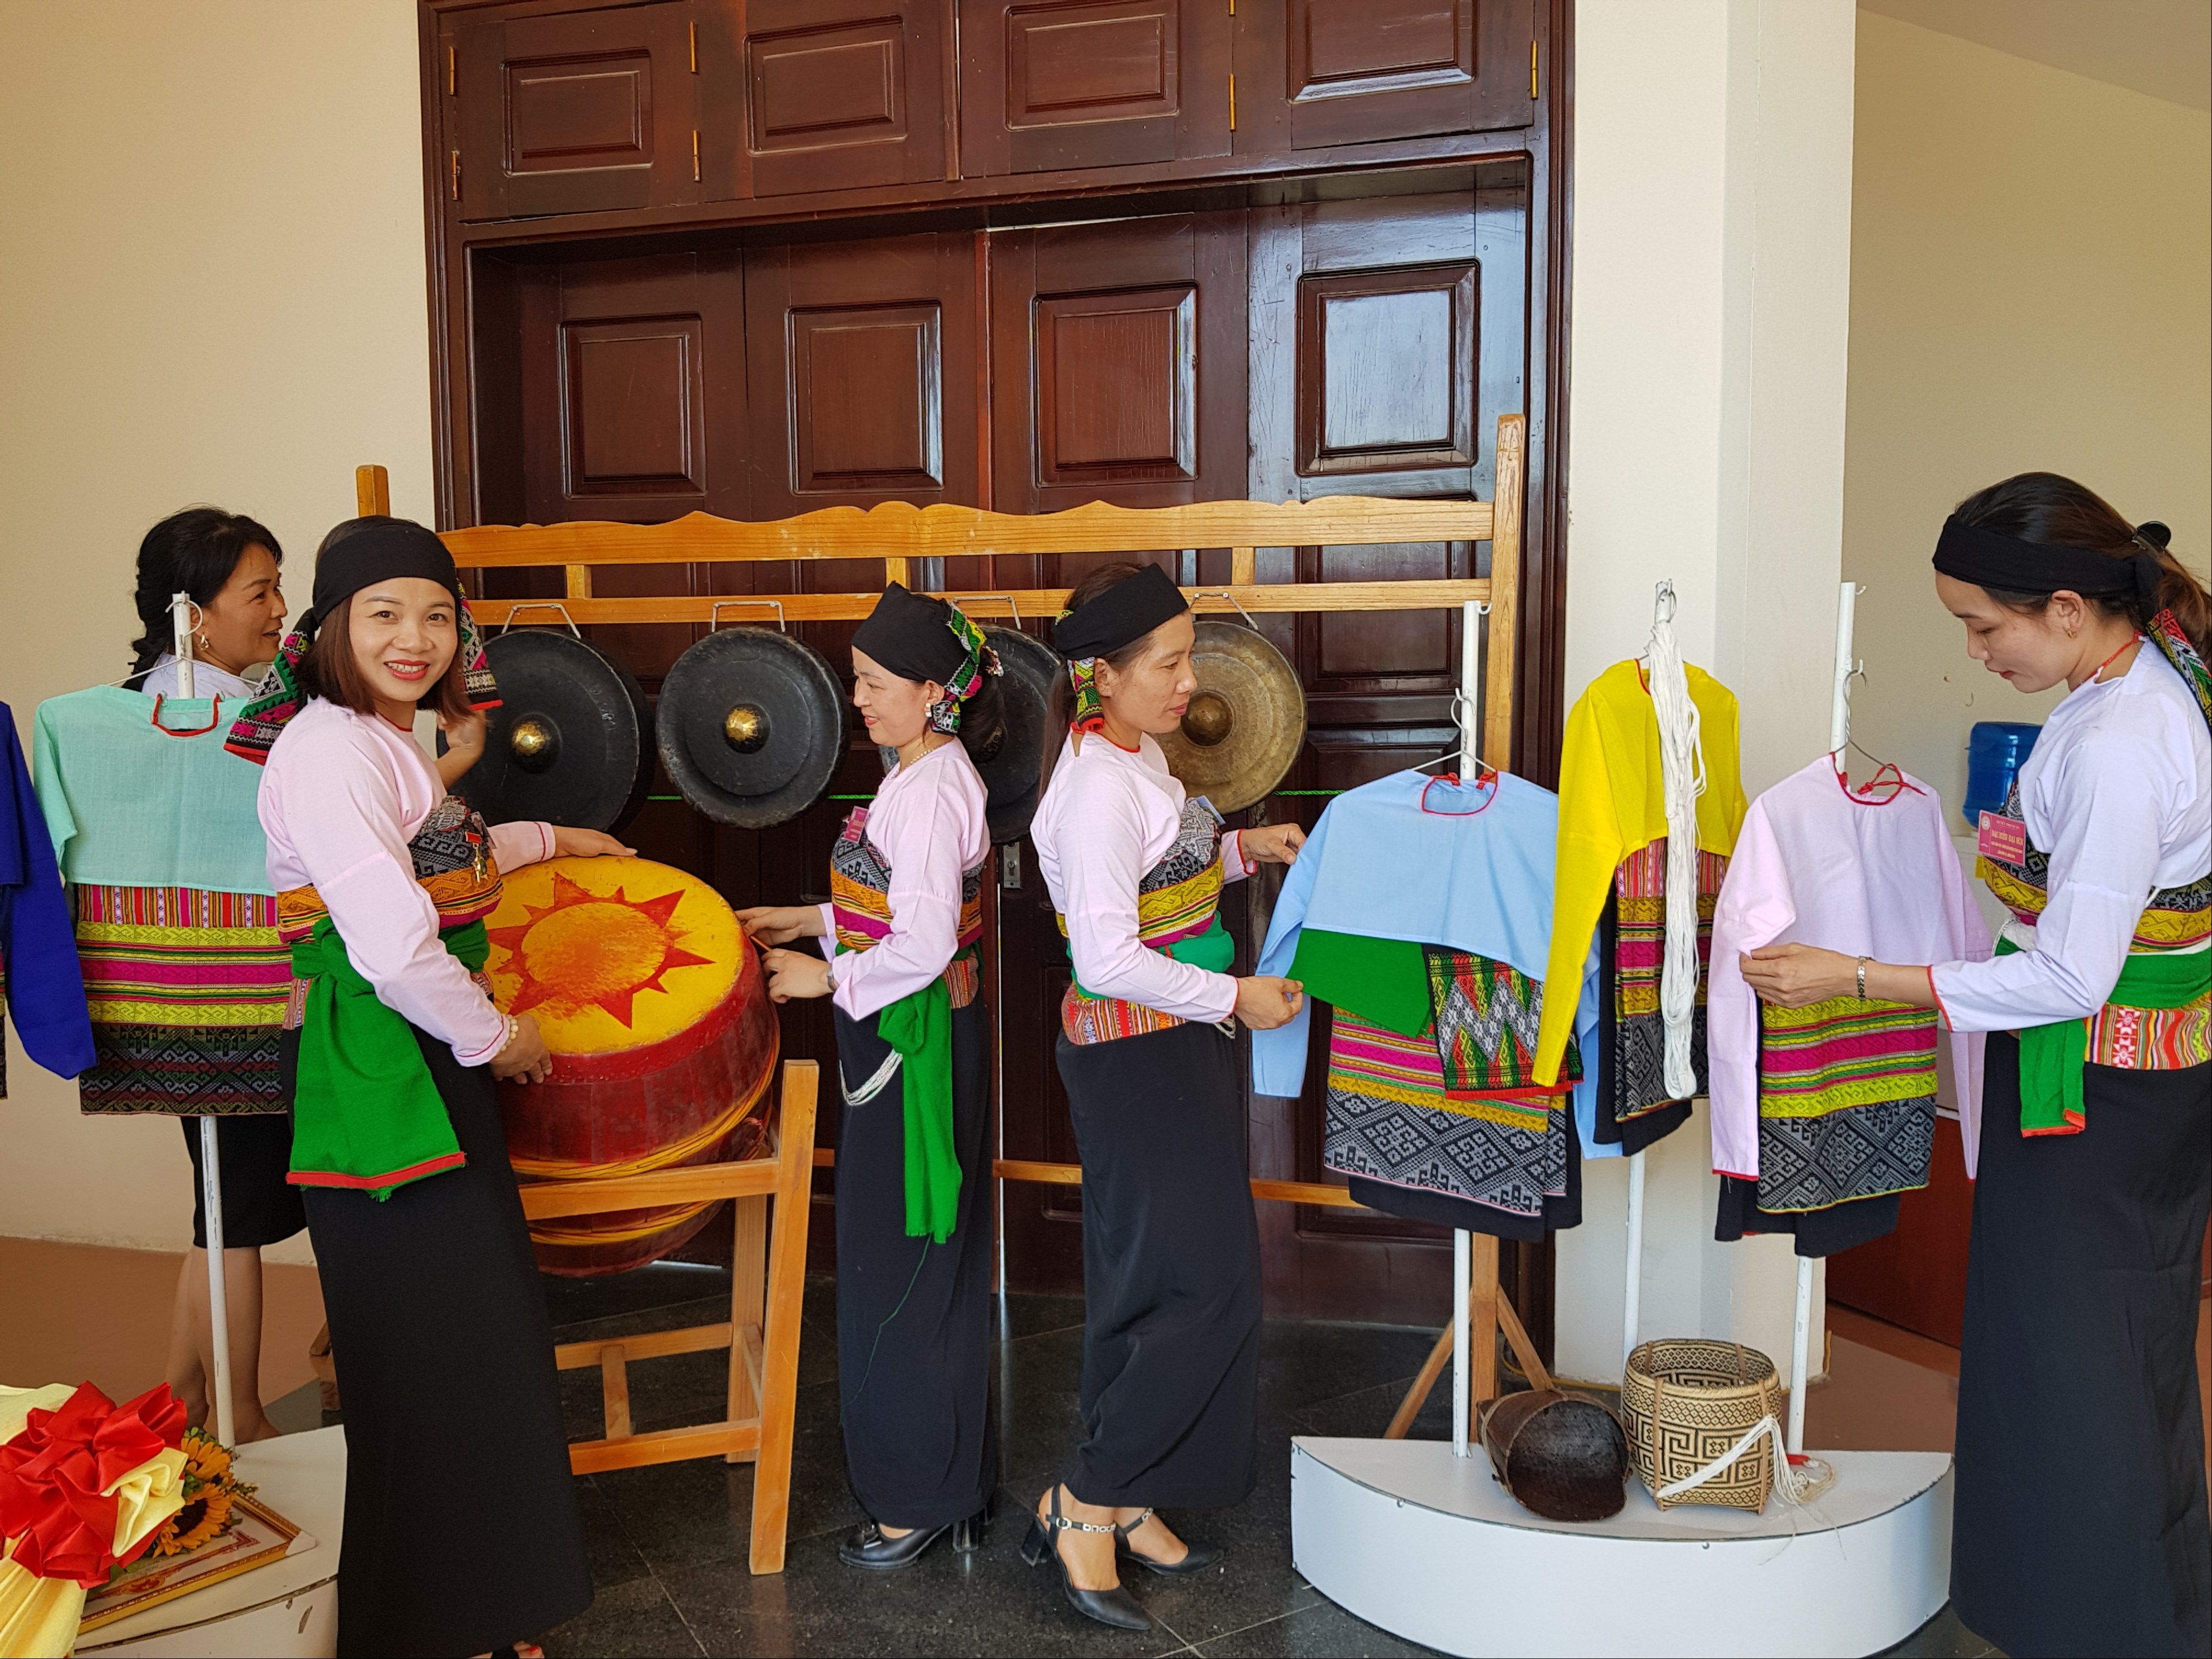 Đồng bào các DTTS tỉnh Thanh Hóa đang chuẩn bị cho ngày hội lớn